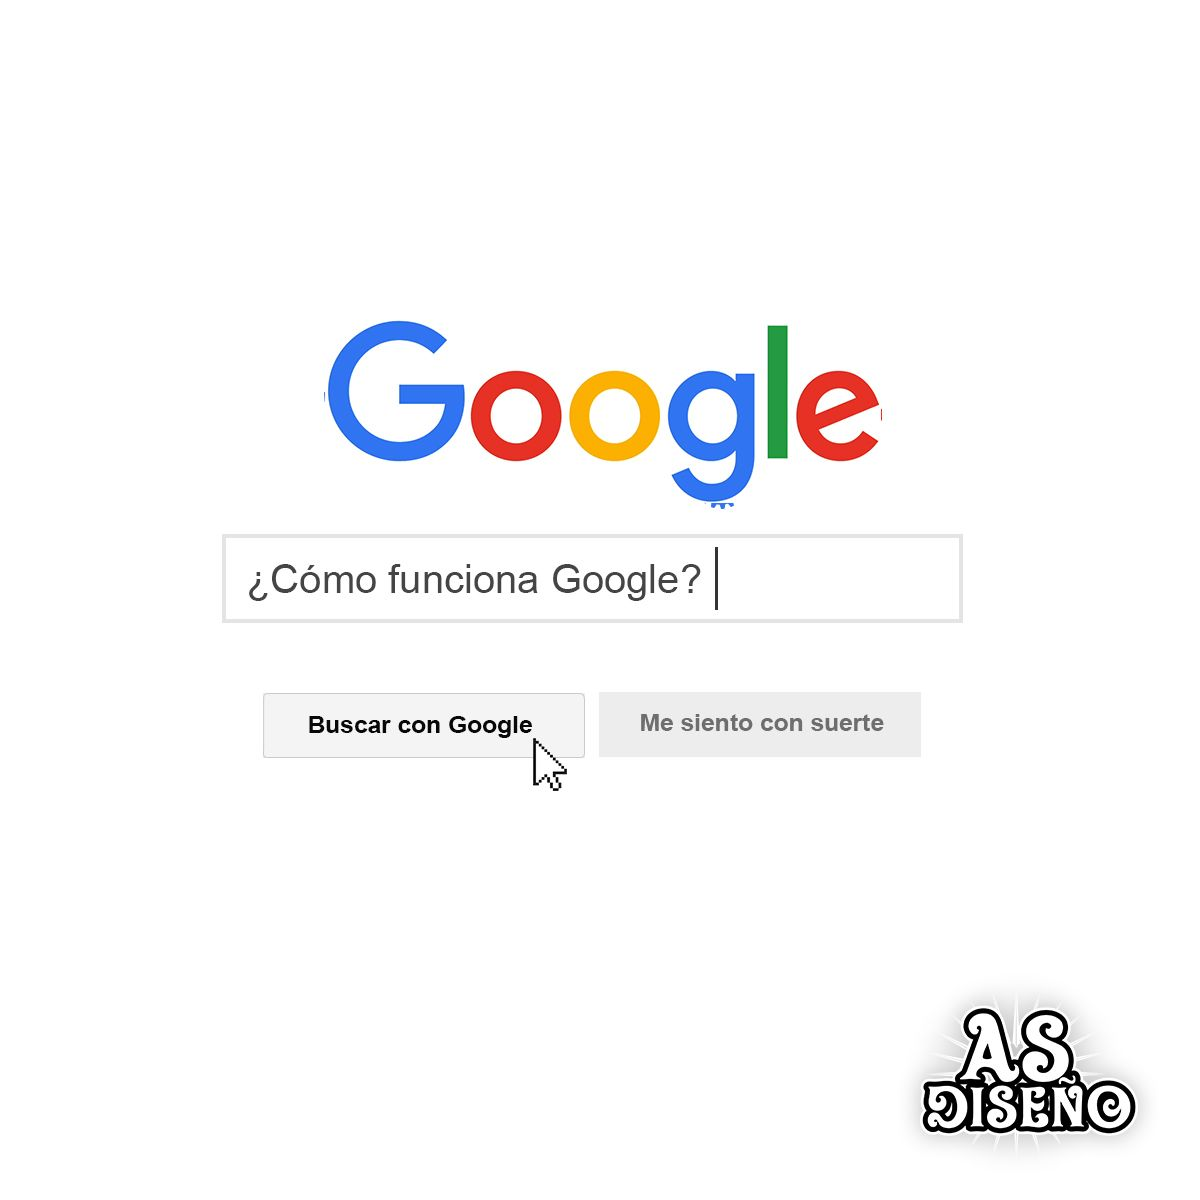 ¿Quieres hacer publicidad en Google y no sabes cómo funciona? ¡Entérate cómo funciona la publicidad en Google!